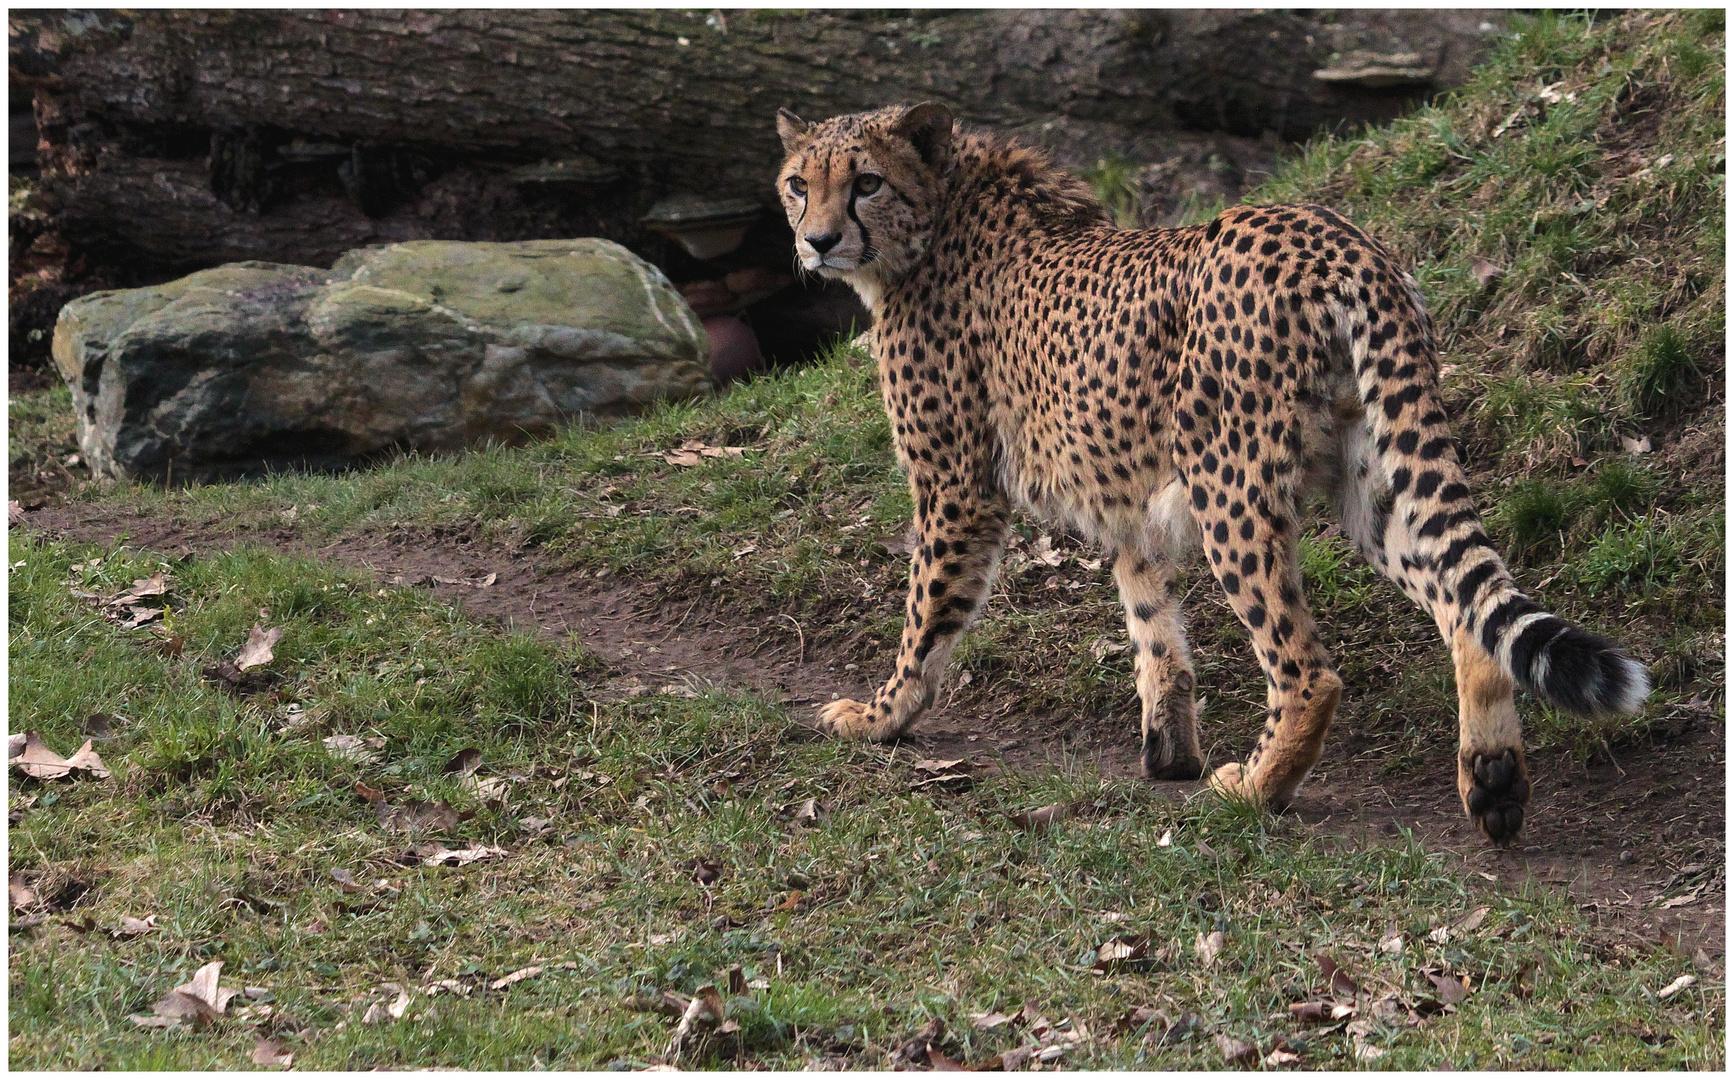 Der Gepard im Kölner Zoo hatte es sehr eilig ...